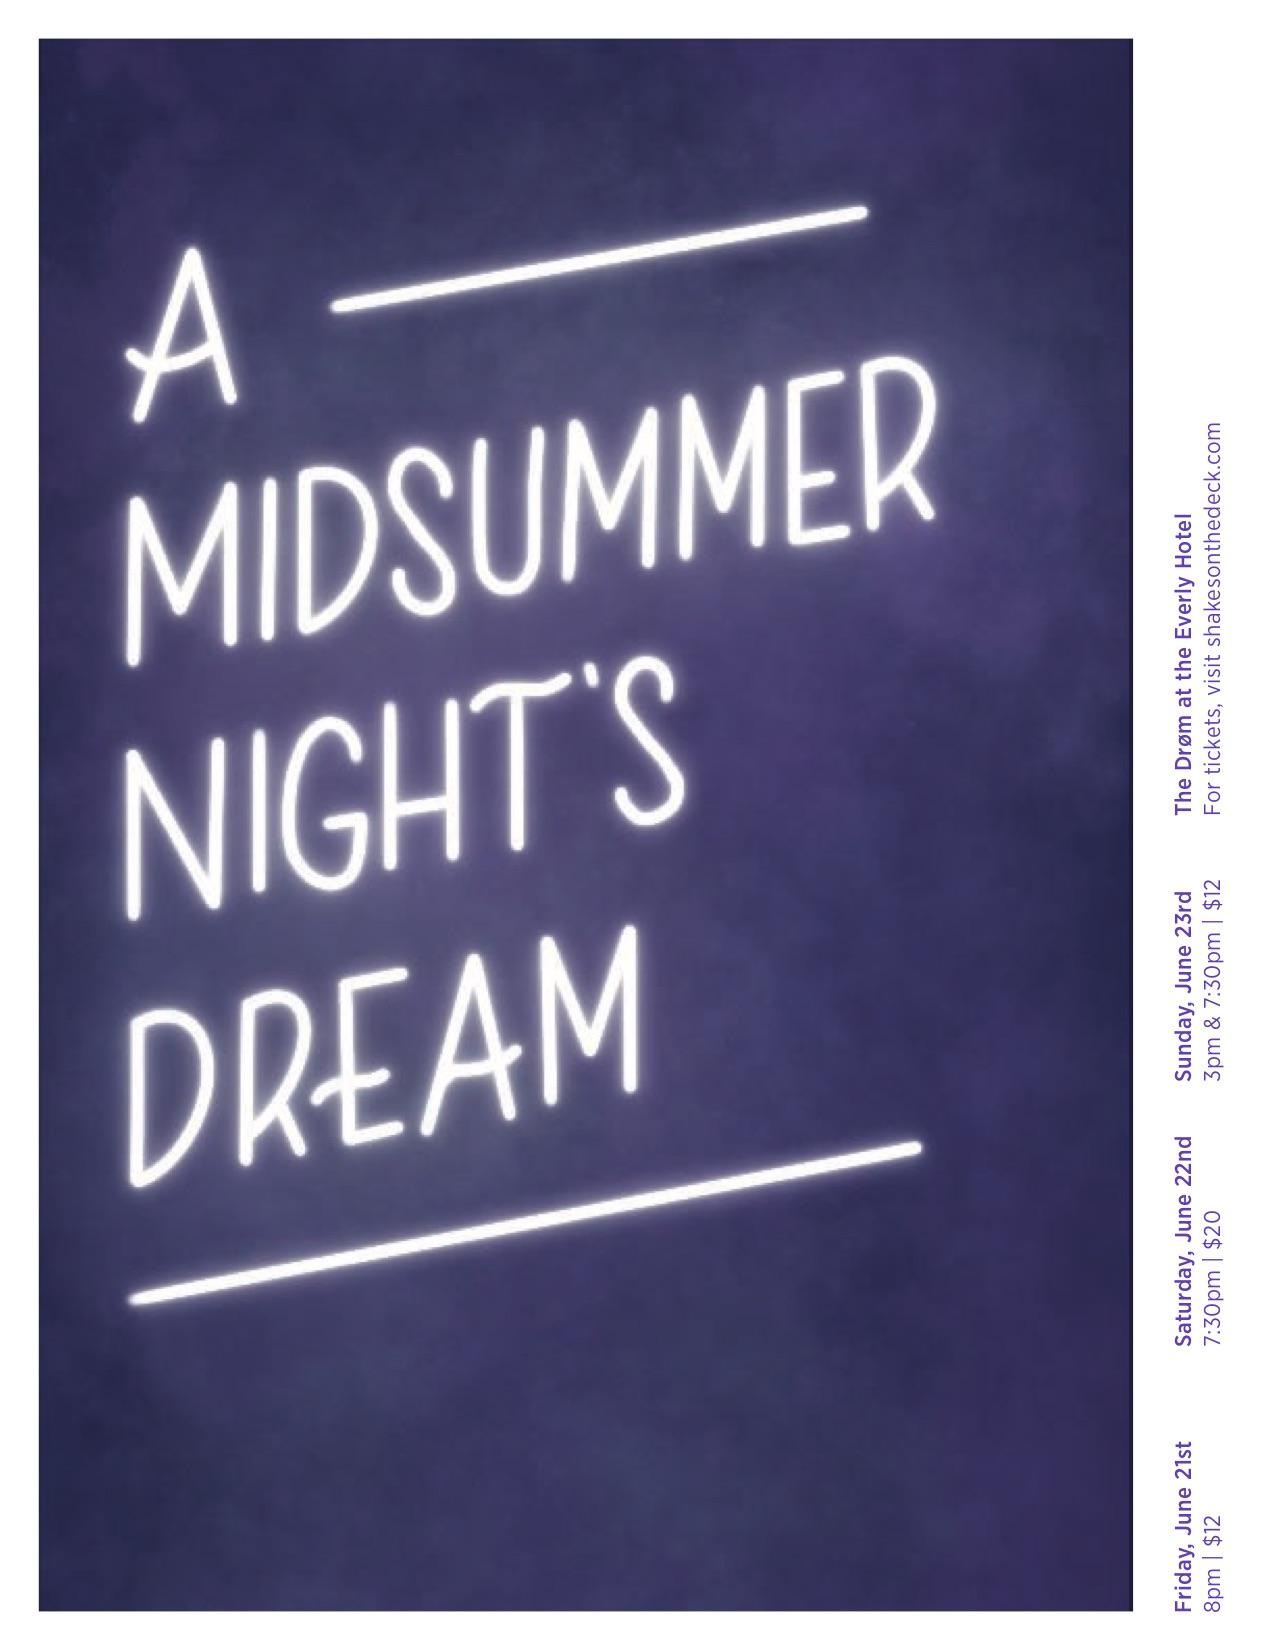 Midsummer-8.5x11.jpg